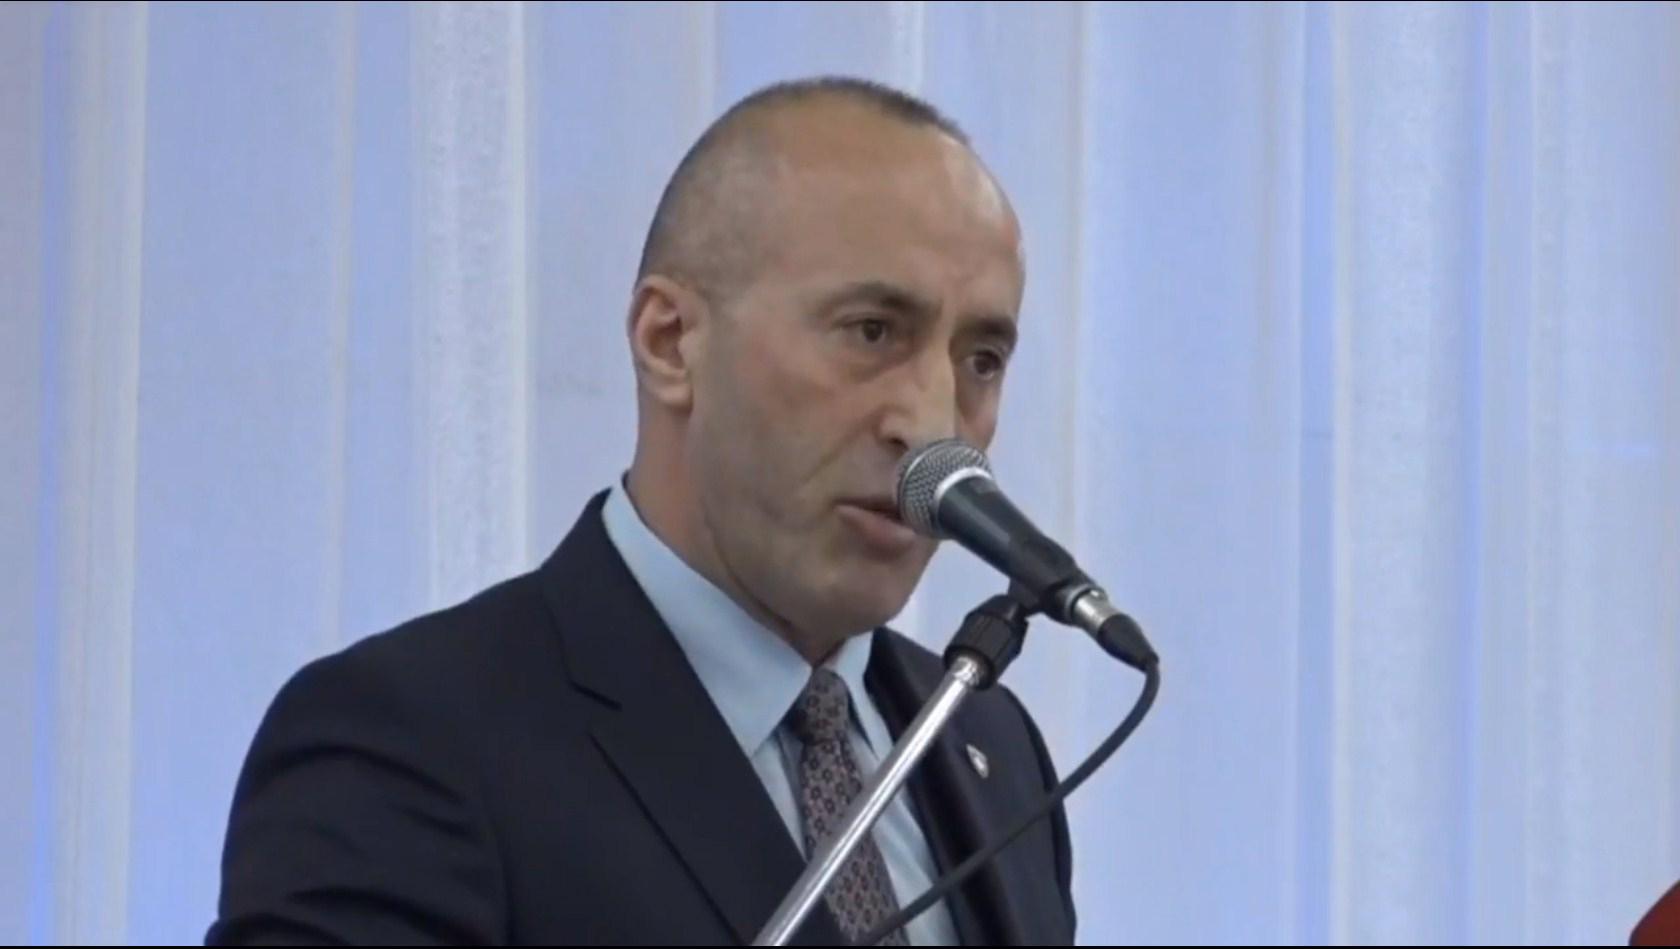 Këto janë fjalët e Haradinajt pak para seancës së fundit